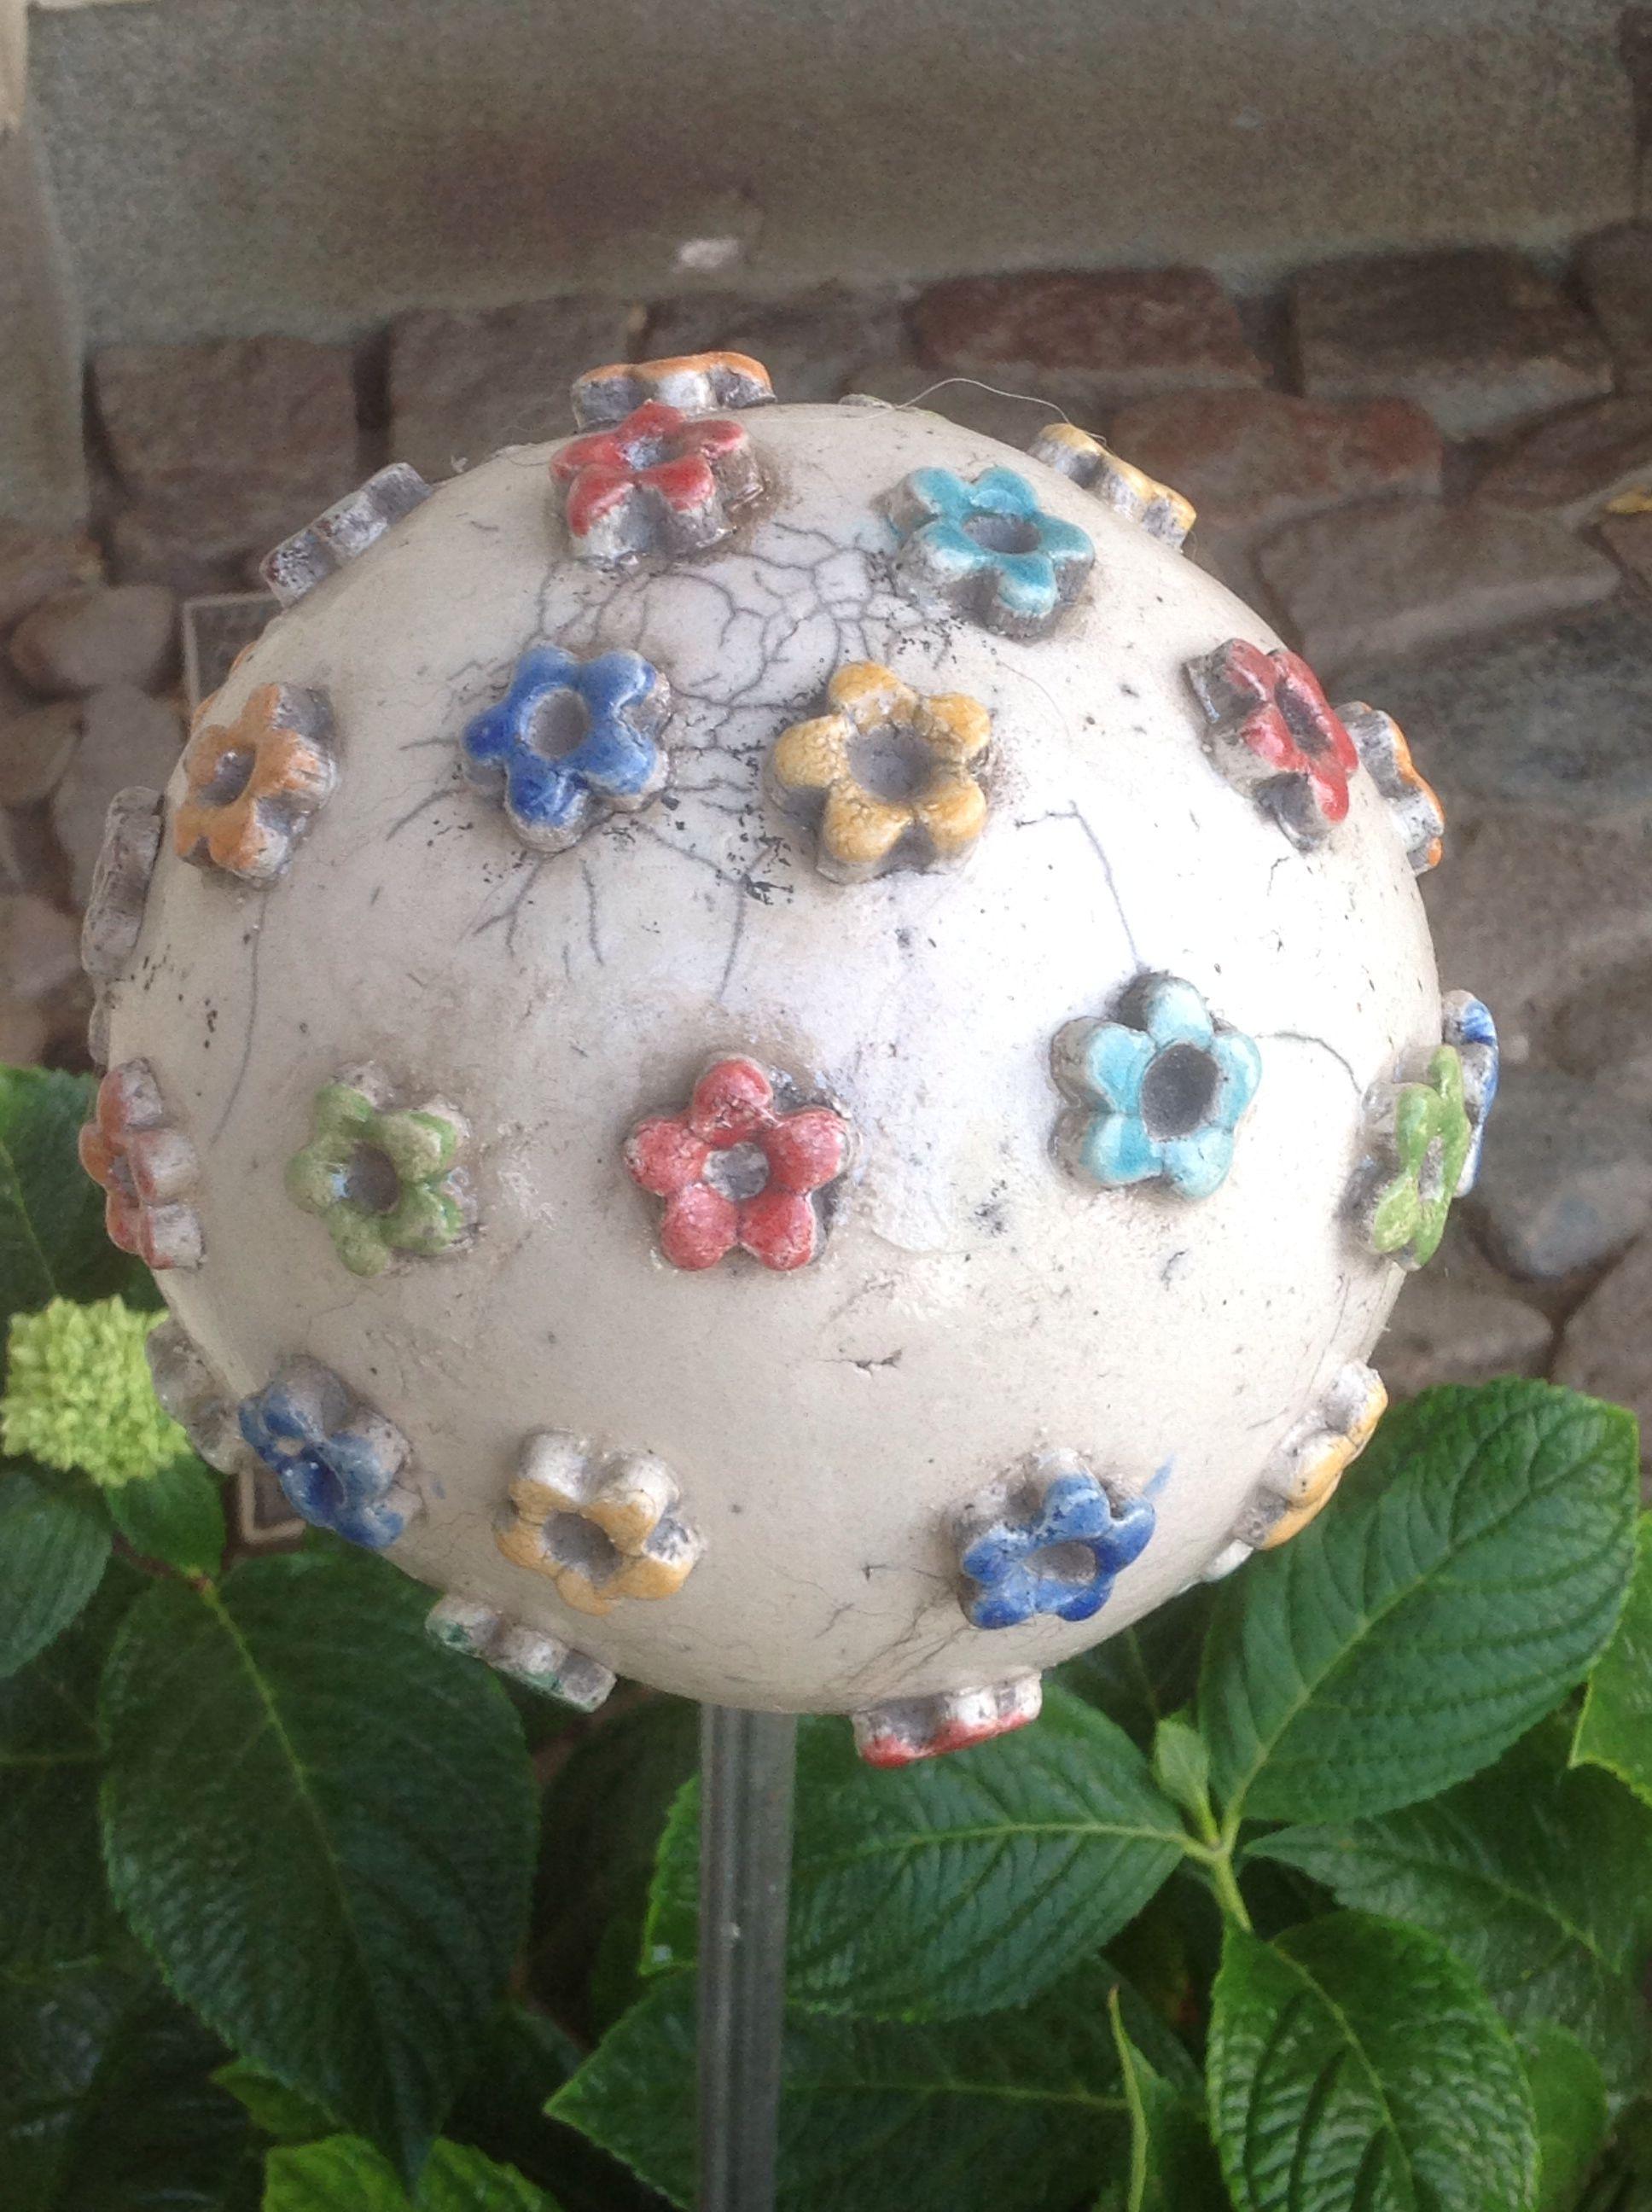 Gartenkugel keramik pinterest gartenkugeln keramik und kugeln - Keramik ideen ...